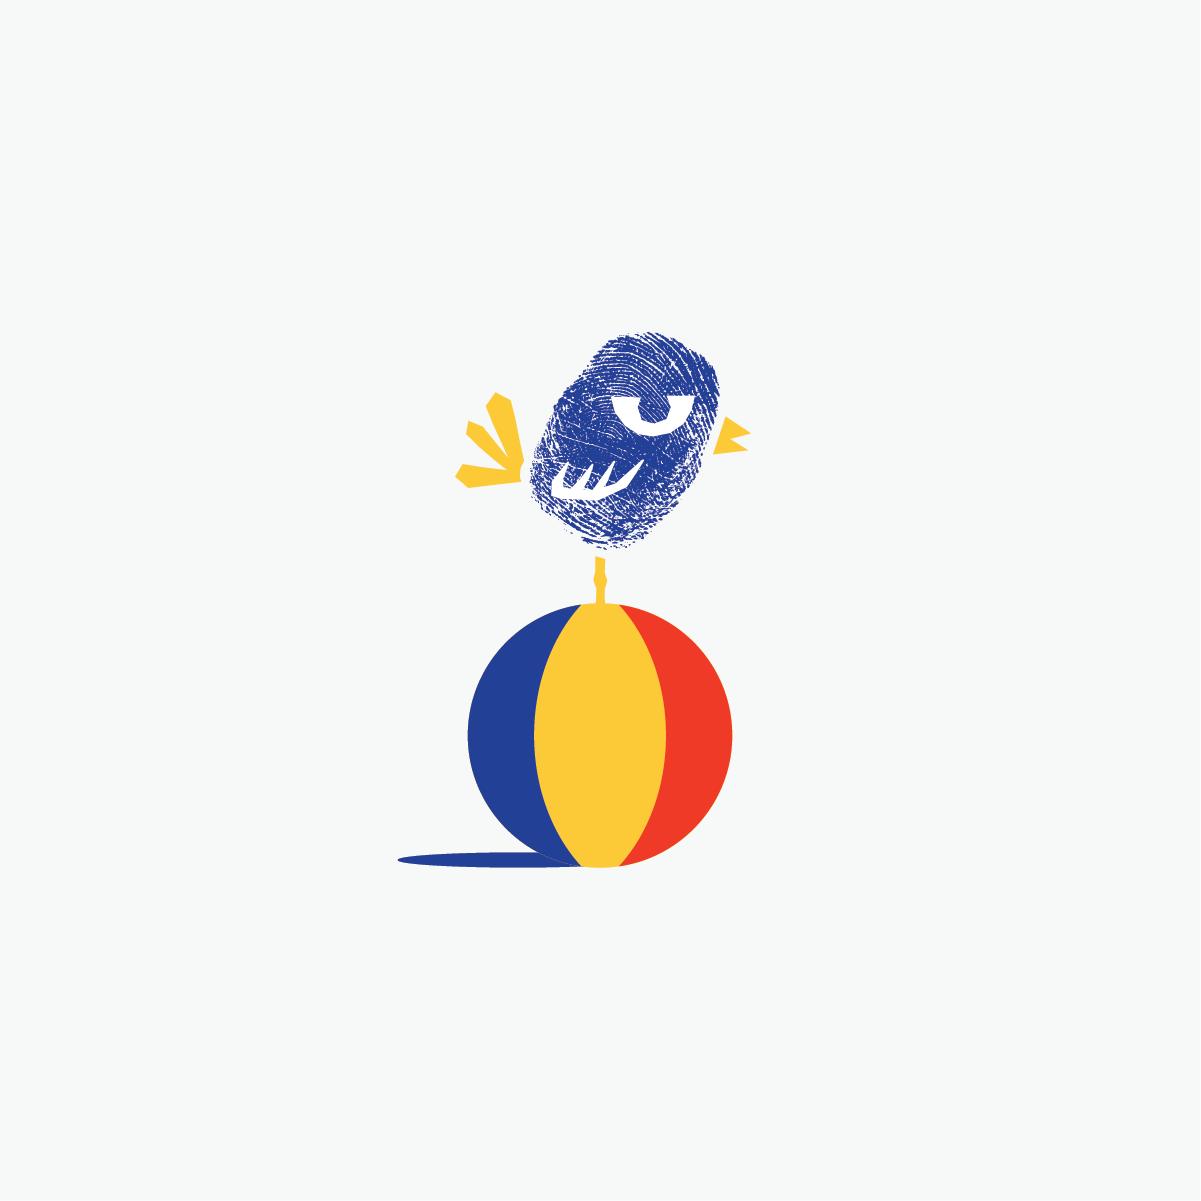 JD_Logos-21.png